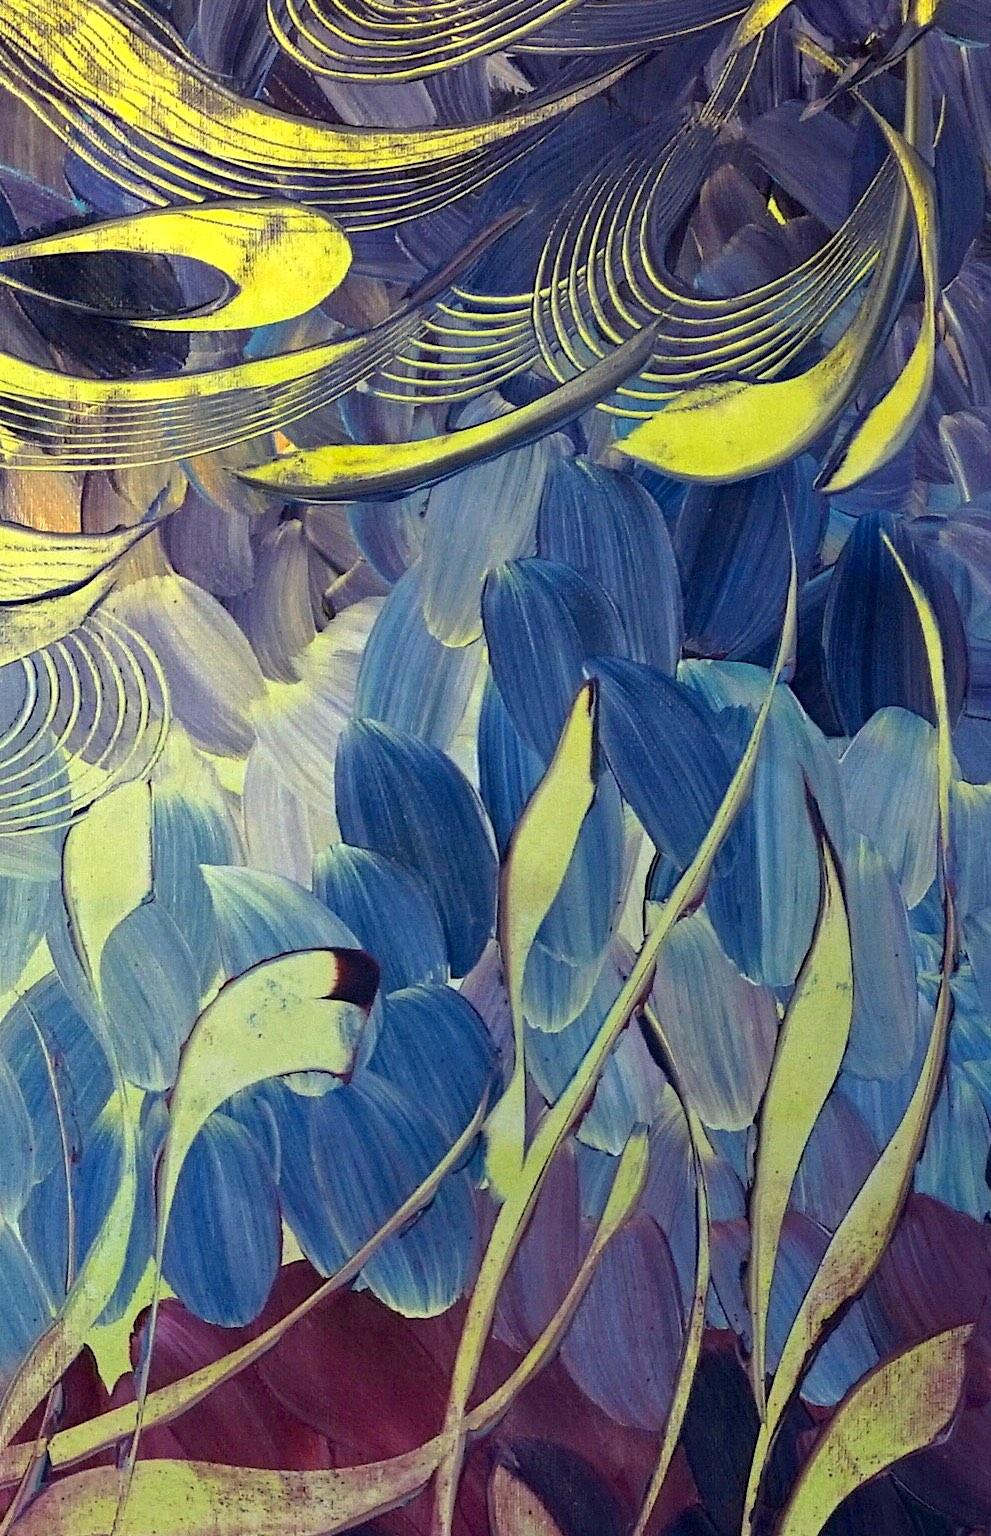 vento-2019-150x100-Andrea Bellocchio